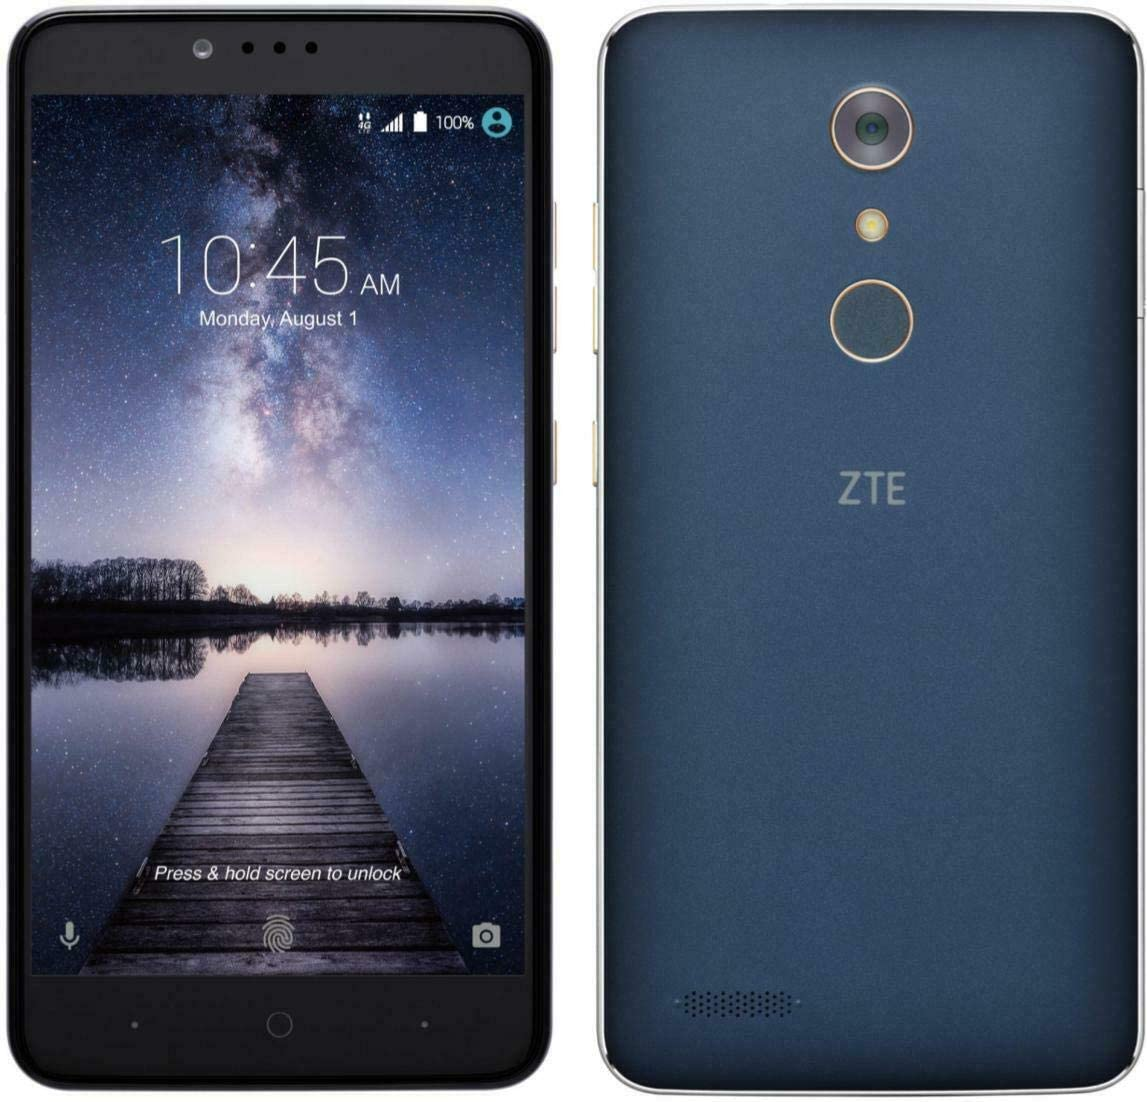 ZTE ZMAX PRO Z981 4G LTE 13MP Smartphone (Metro PCS/T-Mobile) (Encerado): Amazon.es: Electrónica